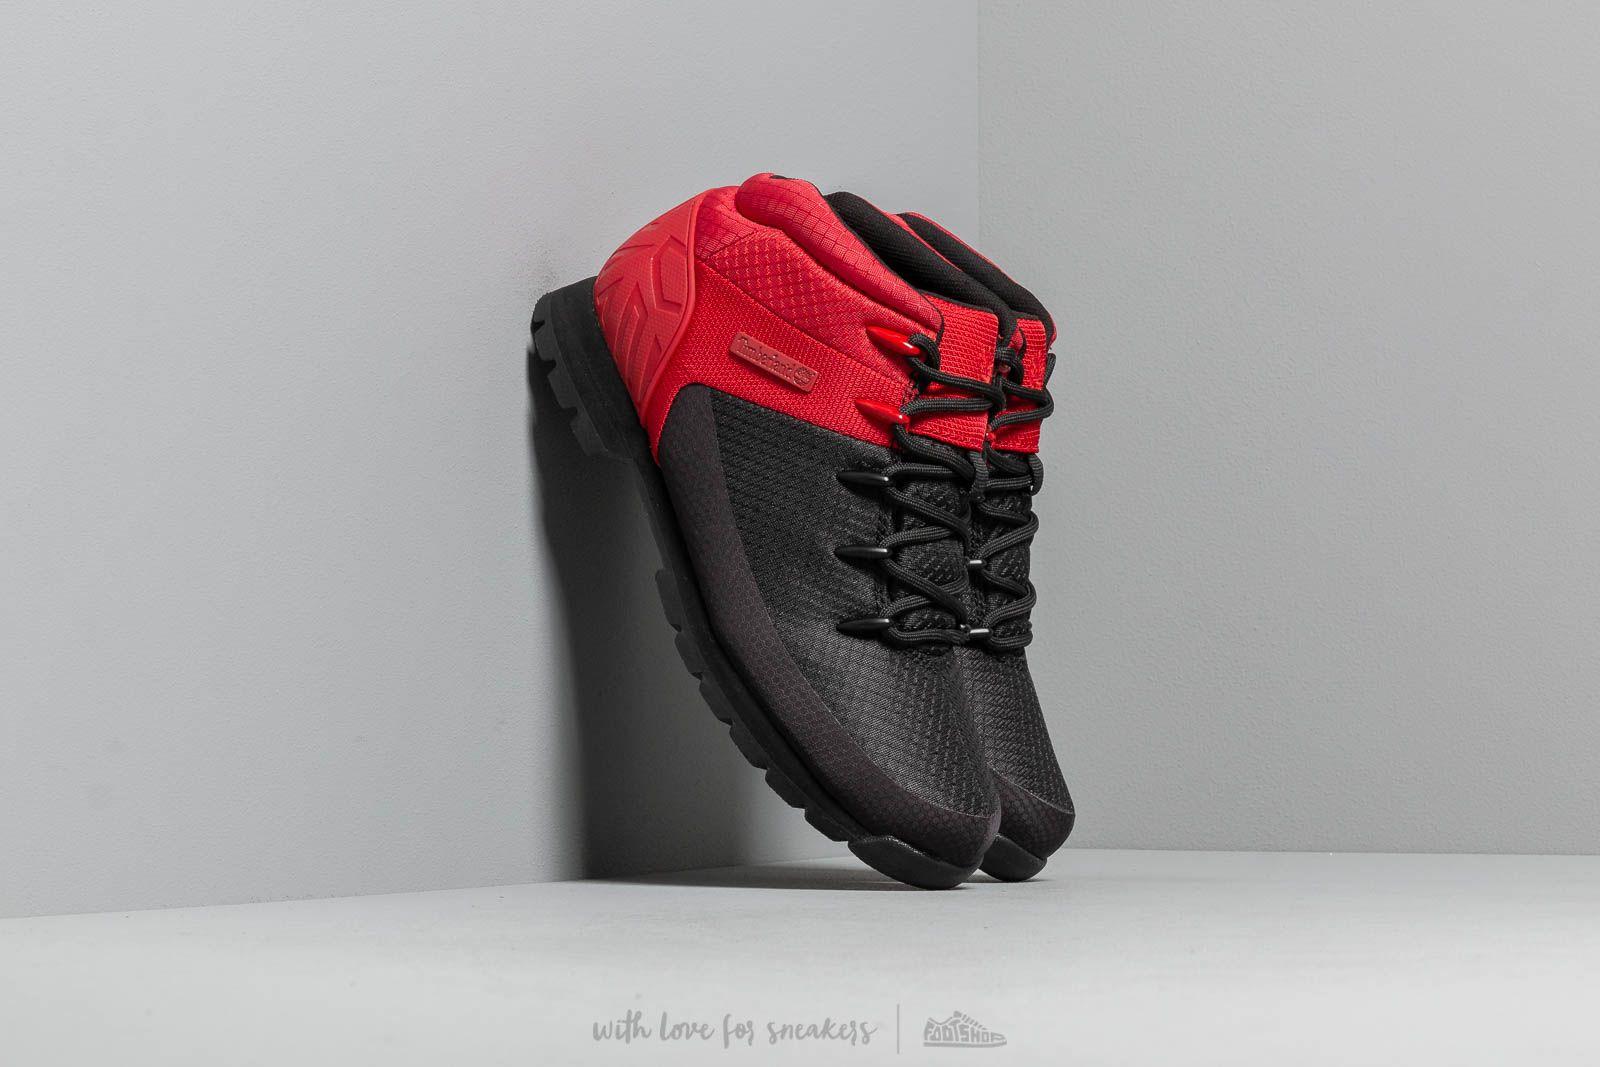 Timberland Euro Sprint Mid Hiker Black/ Red za skvelú cenu 121 € kúpite na Footshop.sk